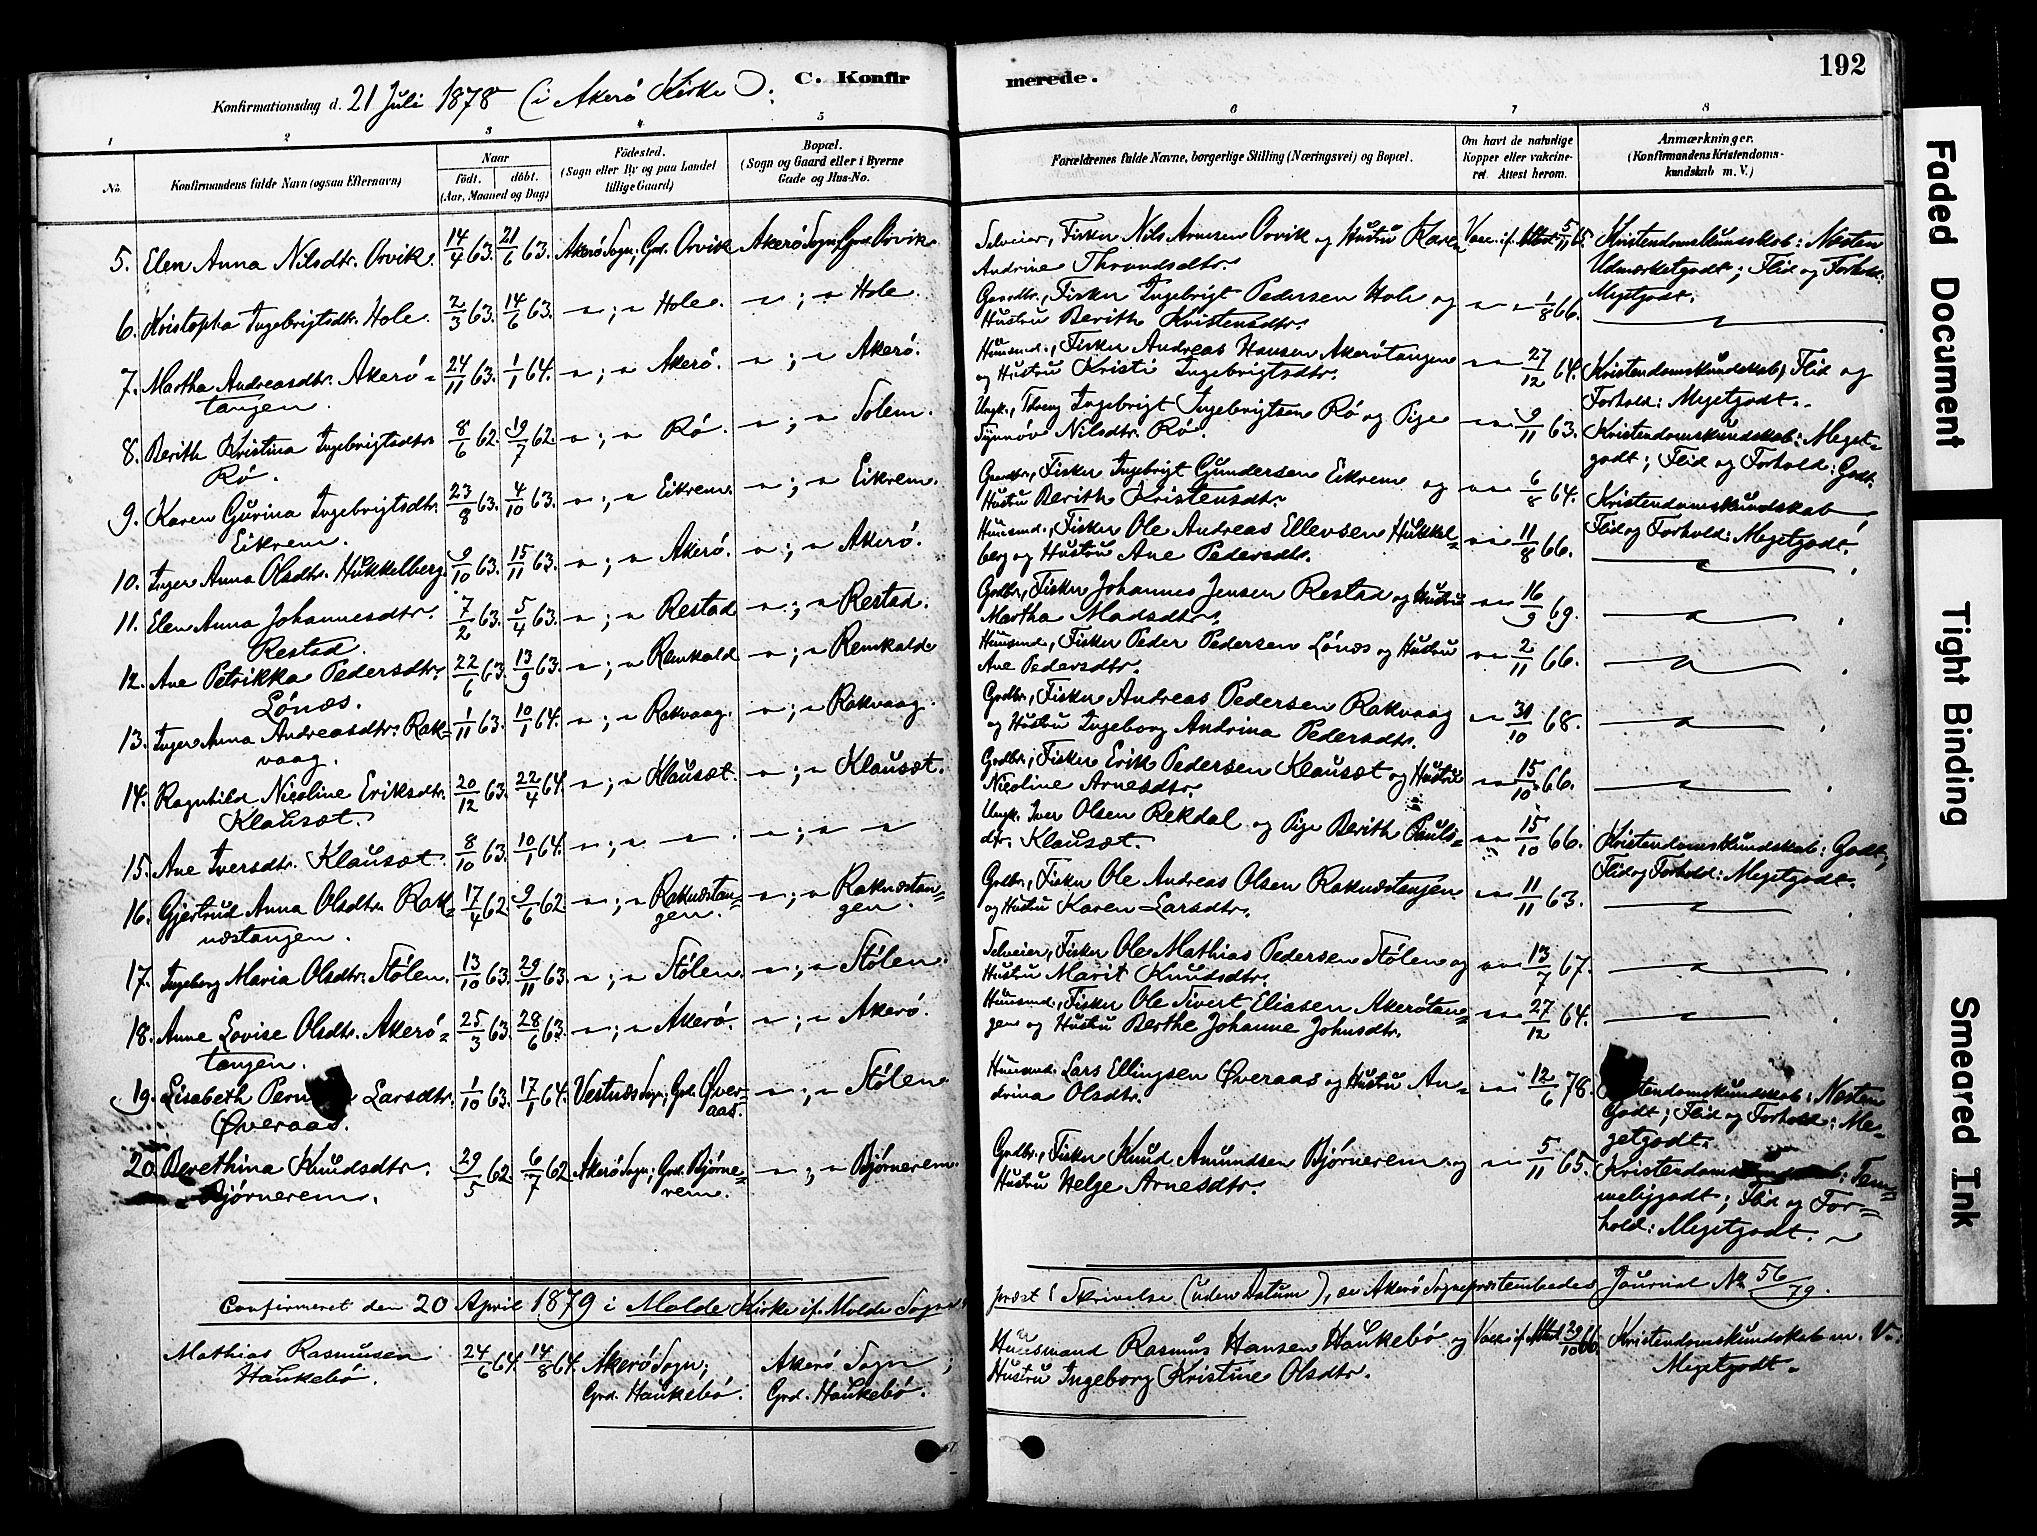 SAT, Ministerialprotokoller, klokkerbøker og fødselsregistre - Møre og Romsdal, 560/L0721: Ministerialbok nr. 560A05, 1878-1917, s. 192